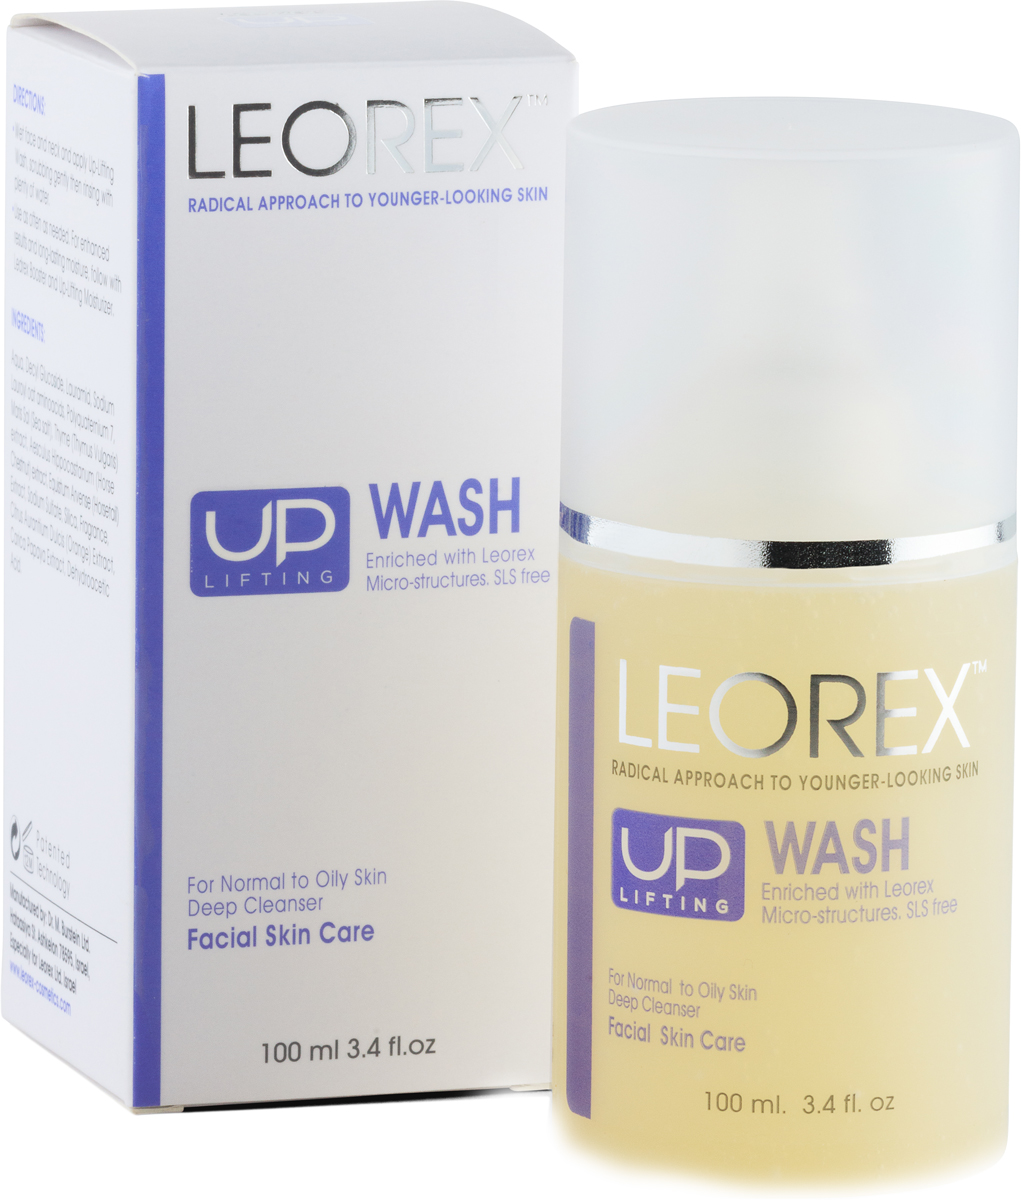 Leorex Up-Lifting Wash Очищающий гель для лица с эффектом лифтинга, 100 мл